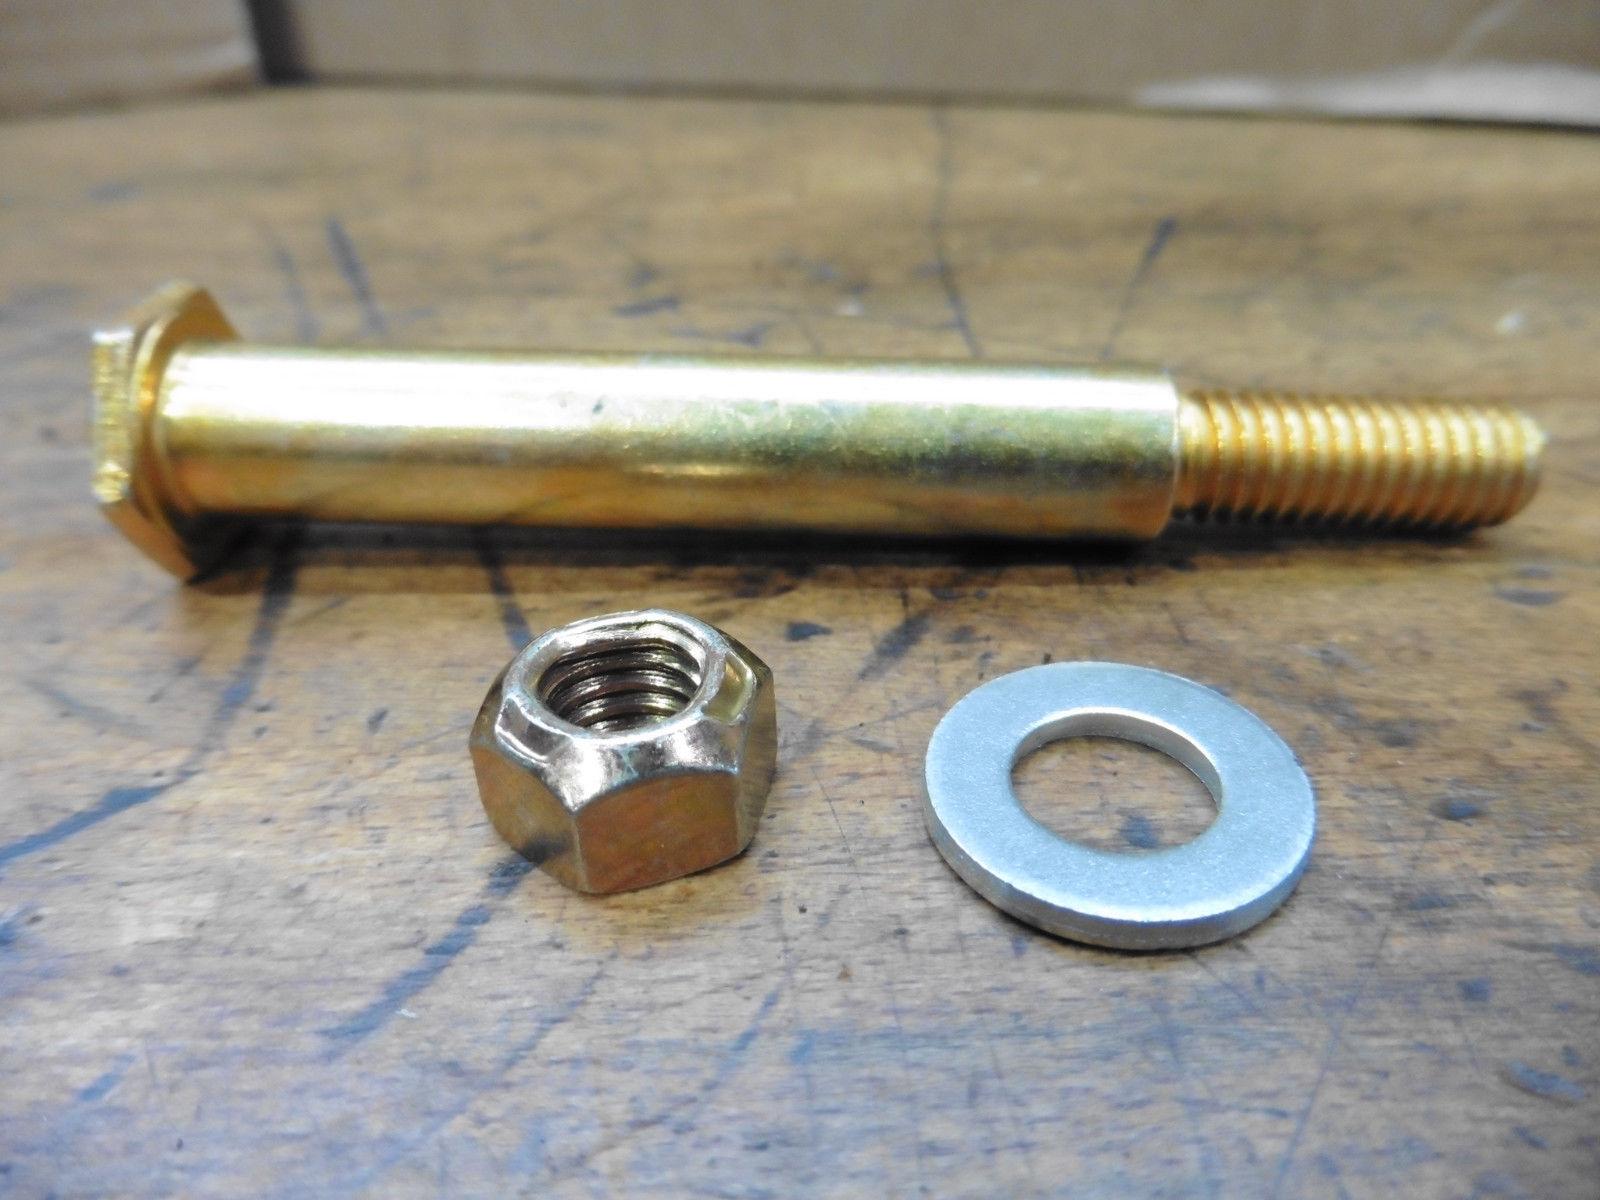 Schraube für Stützrad am Mähwerk passend Husqvarna CTH184T Rasentraktor